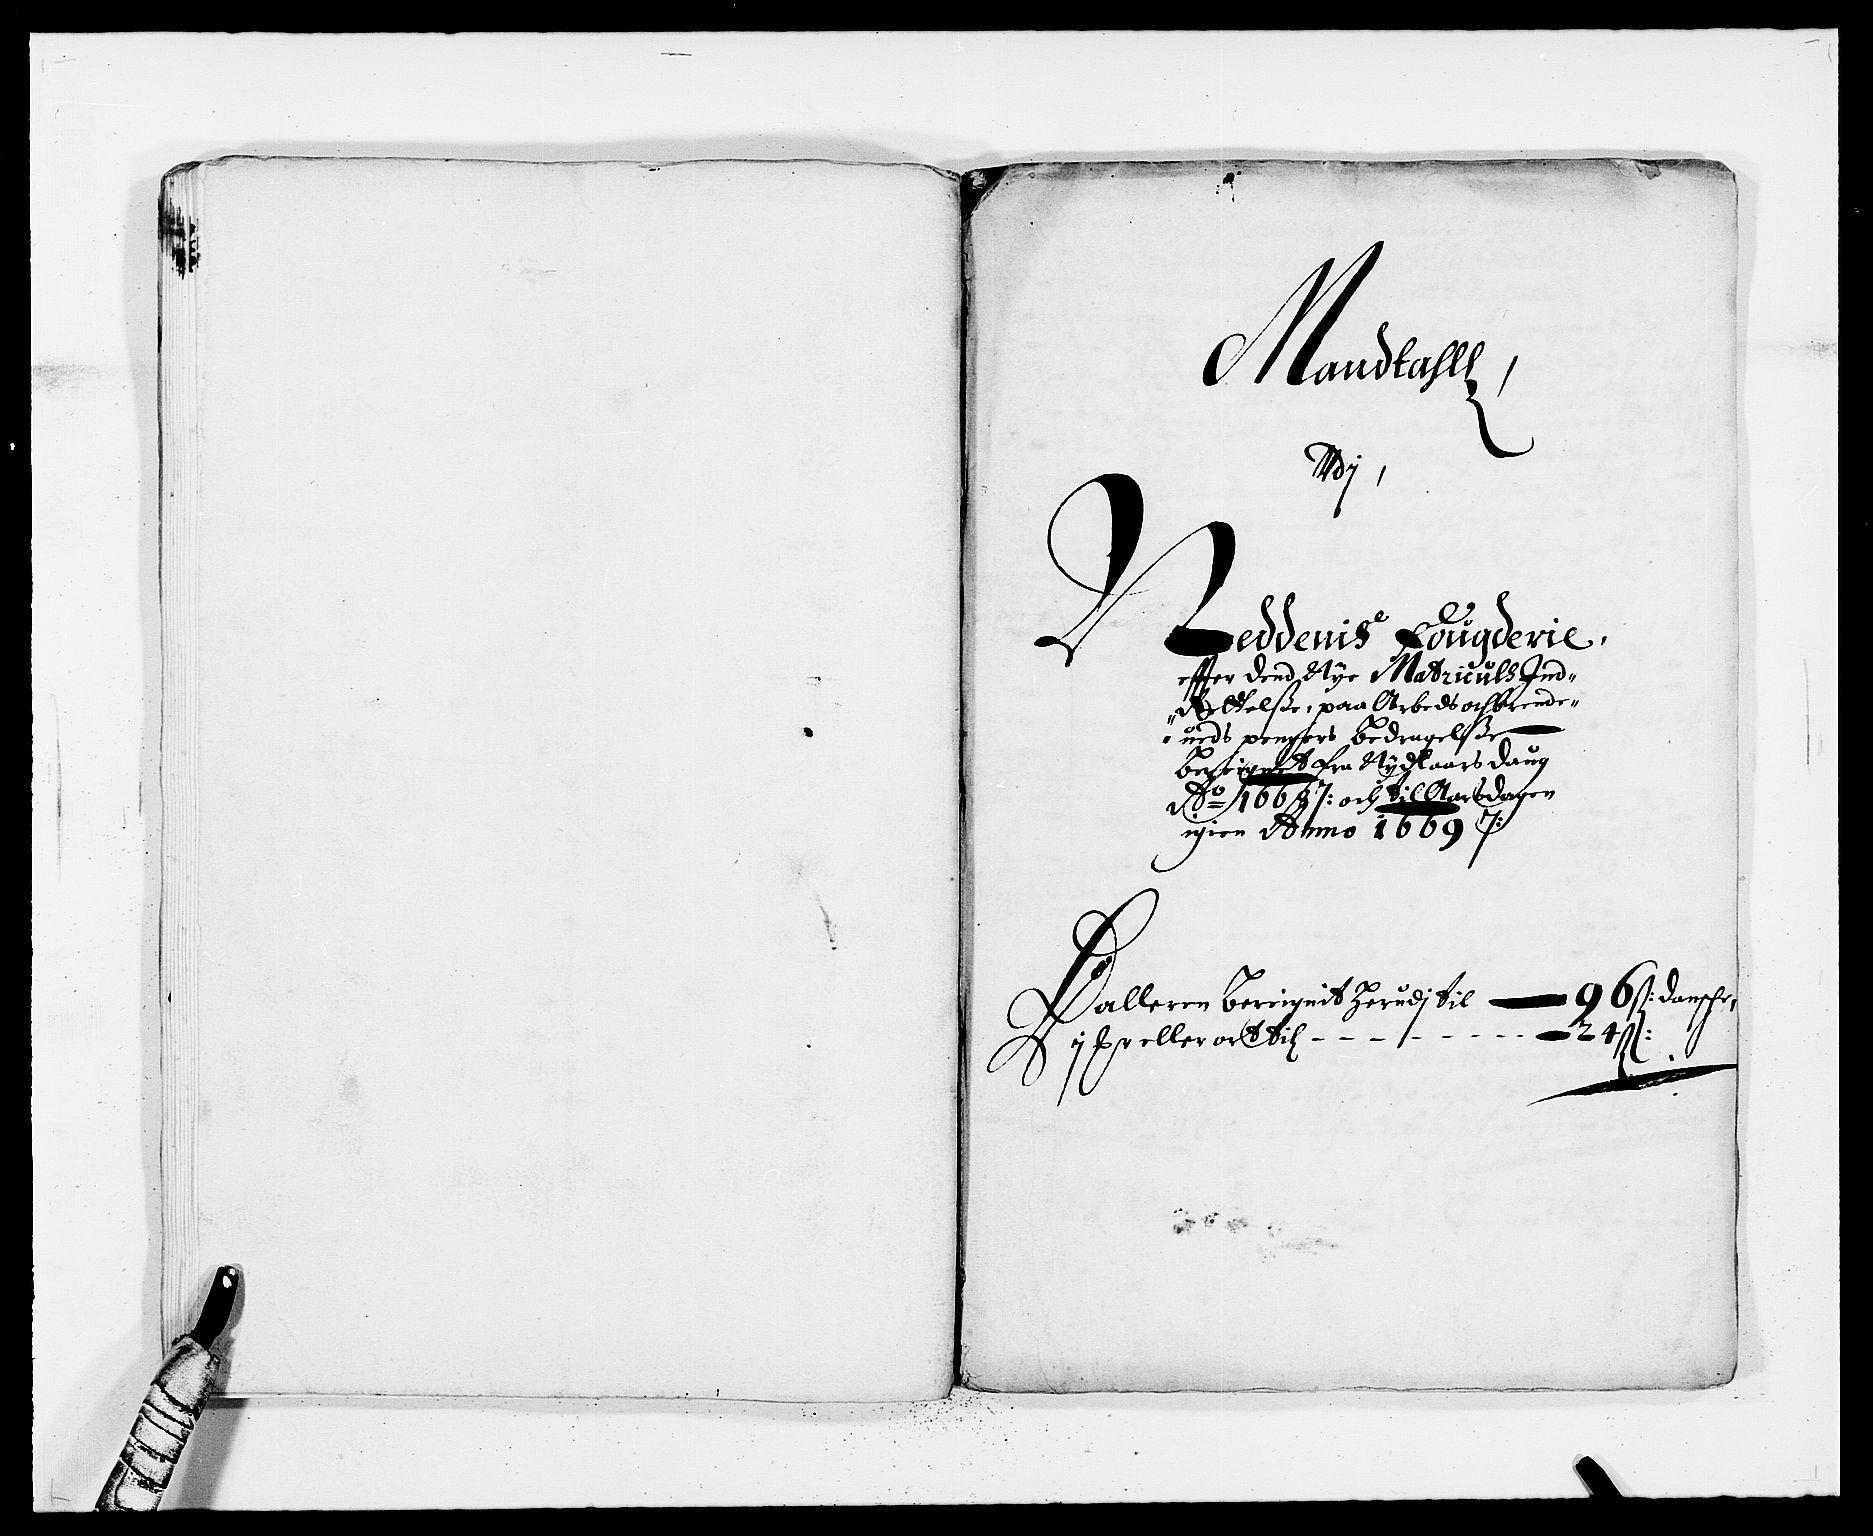 RA, Rentekammeret inntil 1814, Reviderte regnskaper, Fogderegnskap, R39/L2298: Fogderegnskap Nedenes, 1667-1669, s. 86